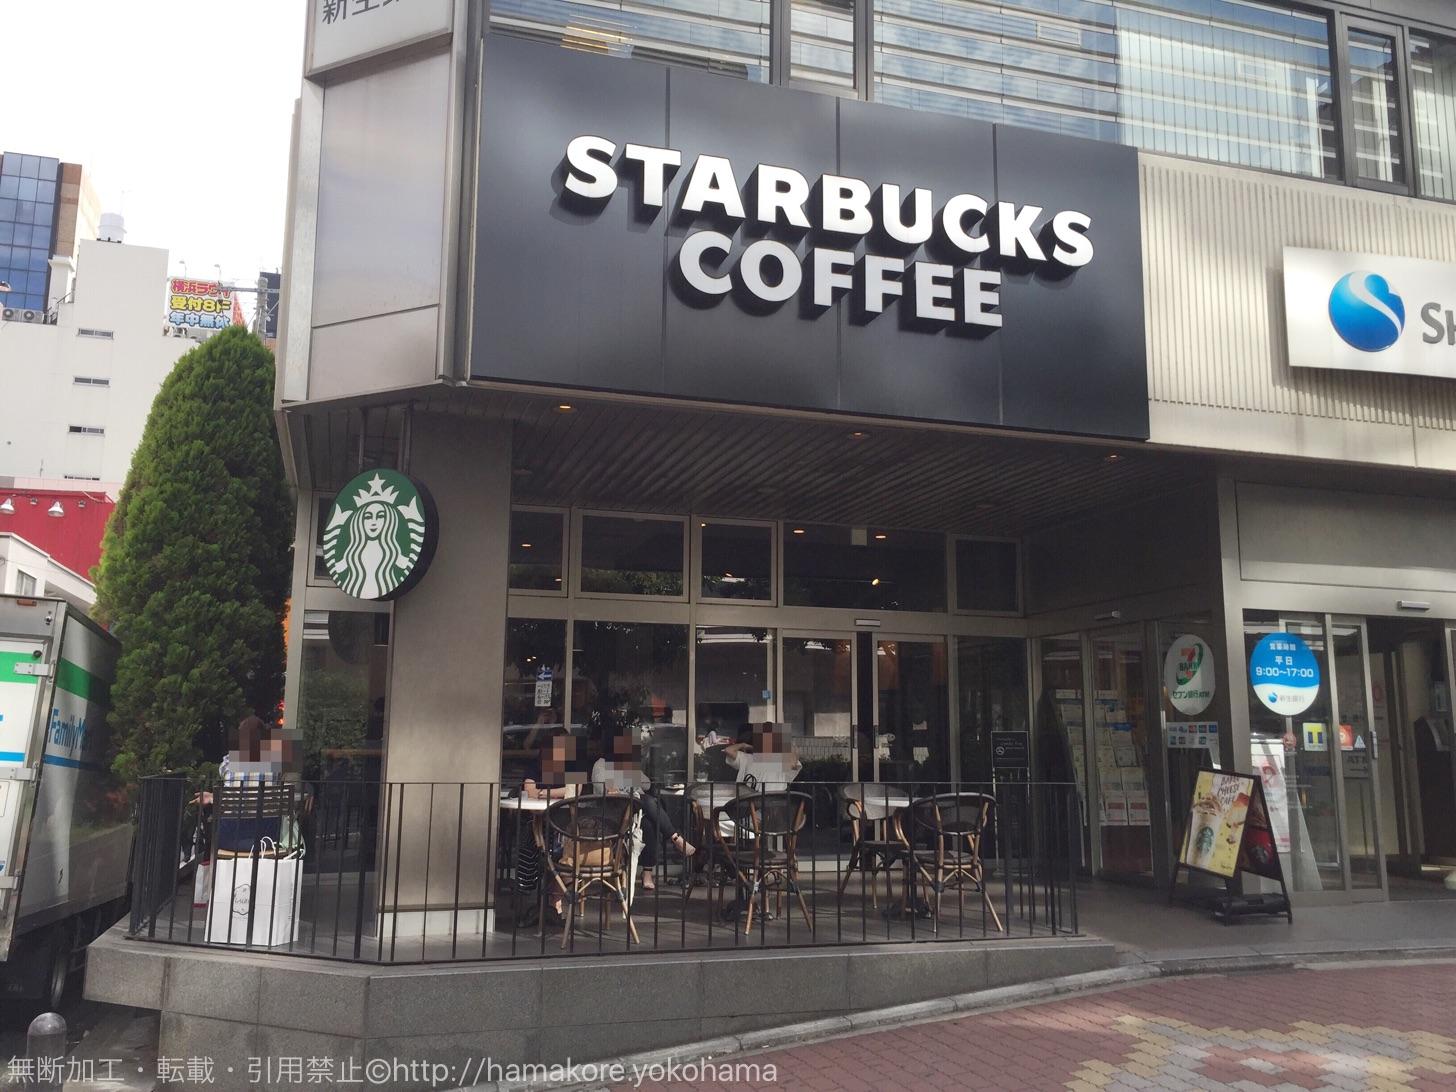 スターバックス 横浜西口店 外観